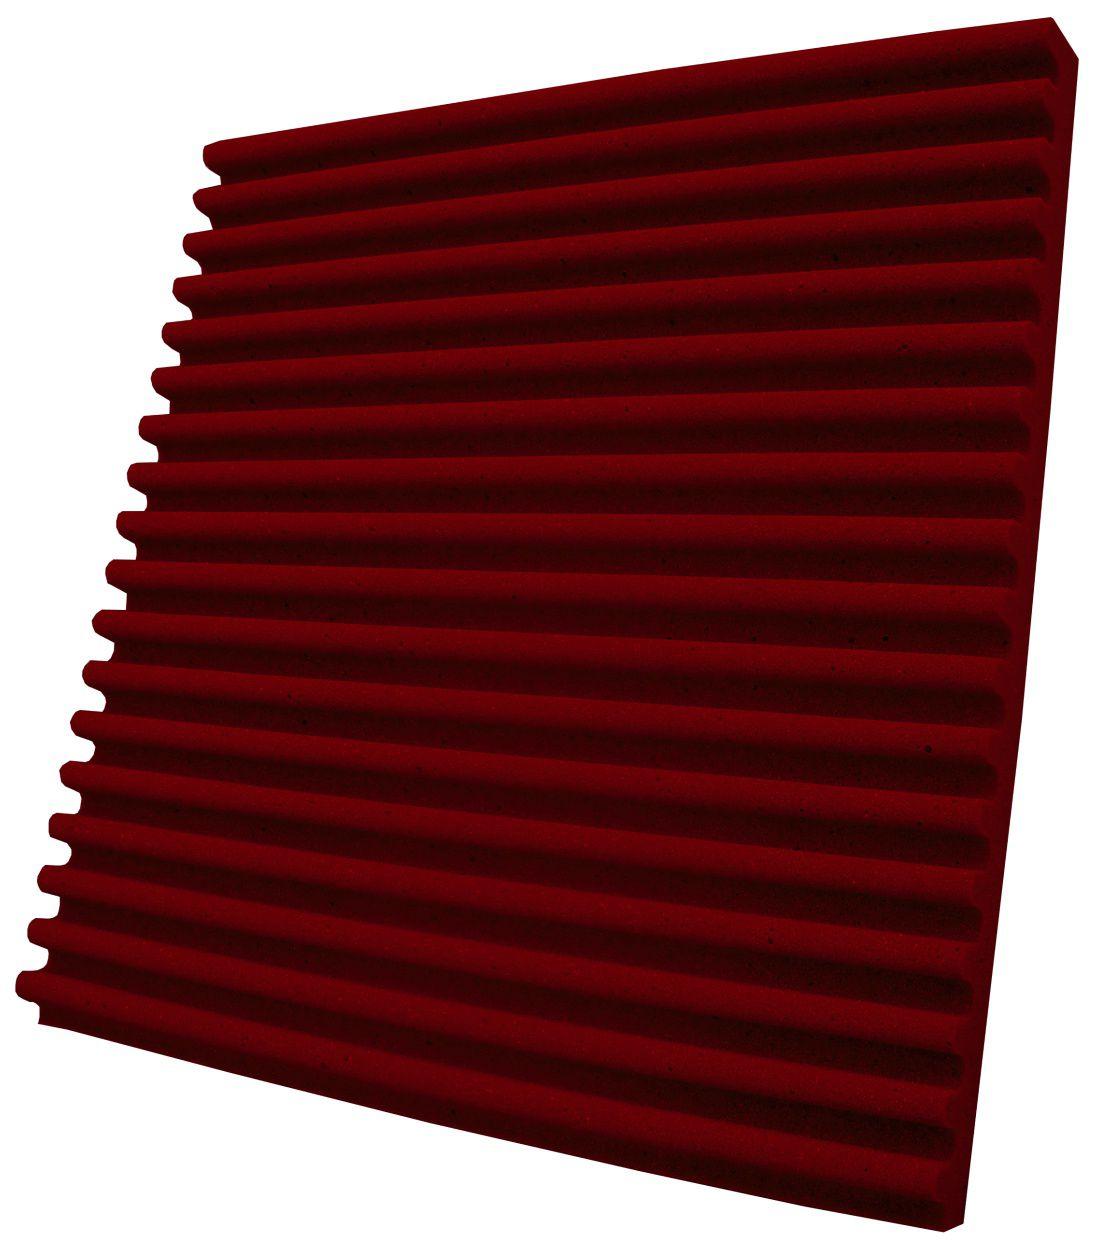 Espuma acústica Linha REV - S - Vermelho - Kit 8 peças (2m²)  - Loja  SPL Acústica